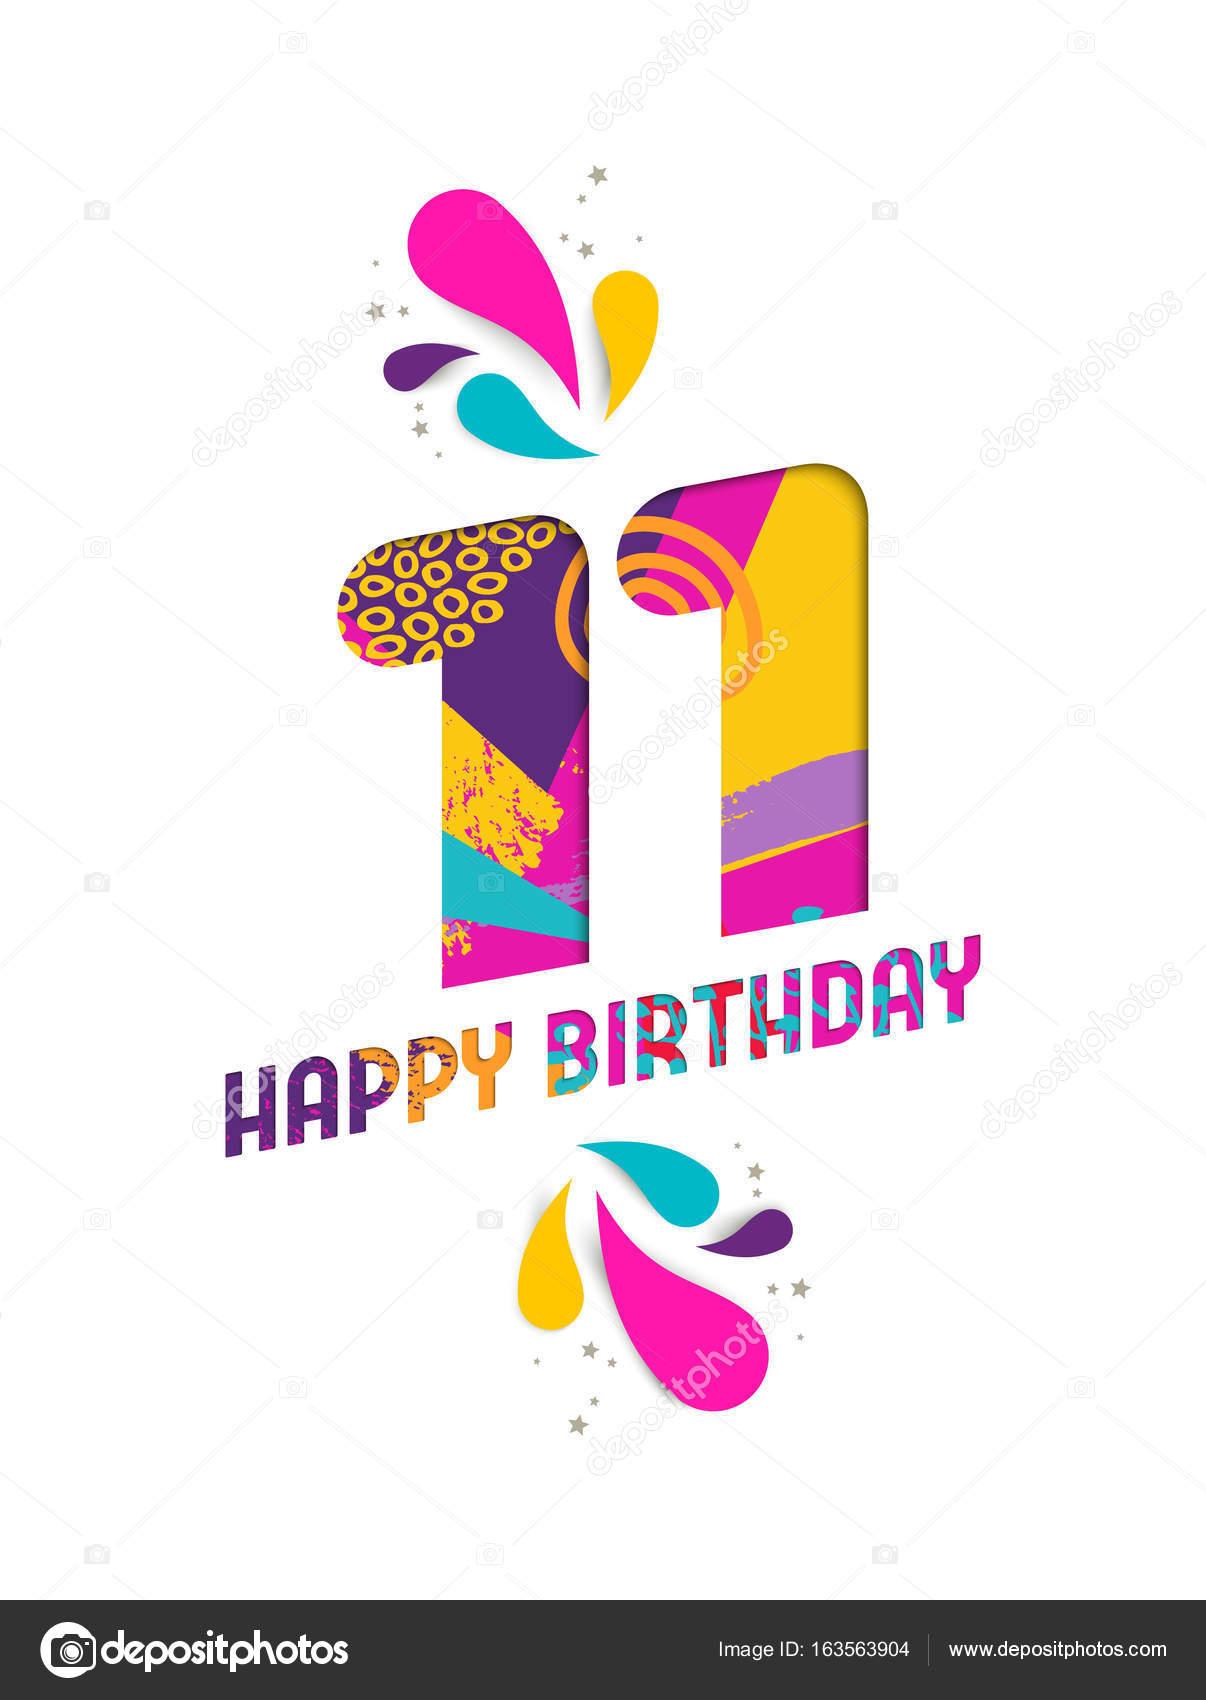 verjaardag 11 jaar Gelukkige verjaardag 11 jaar papier knippen wenskaart  verjaardag 11 jaar